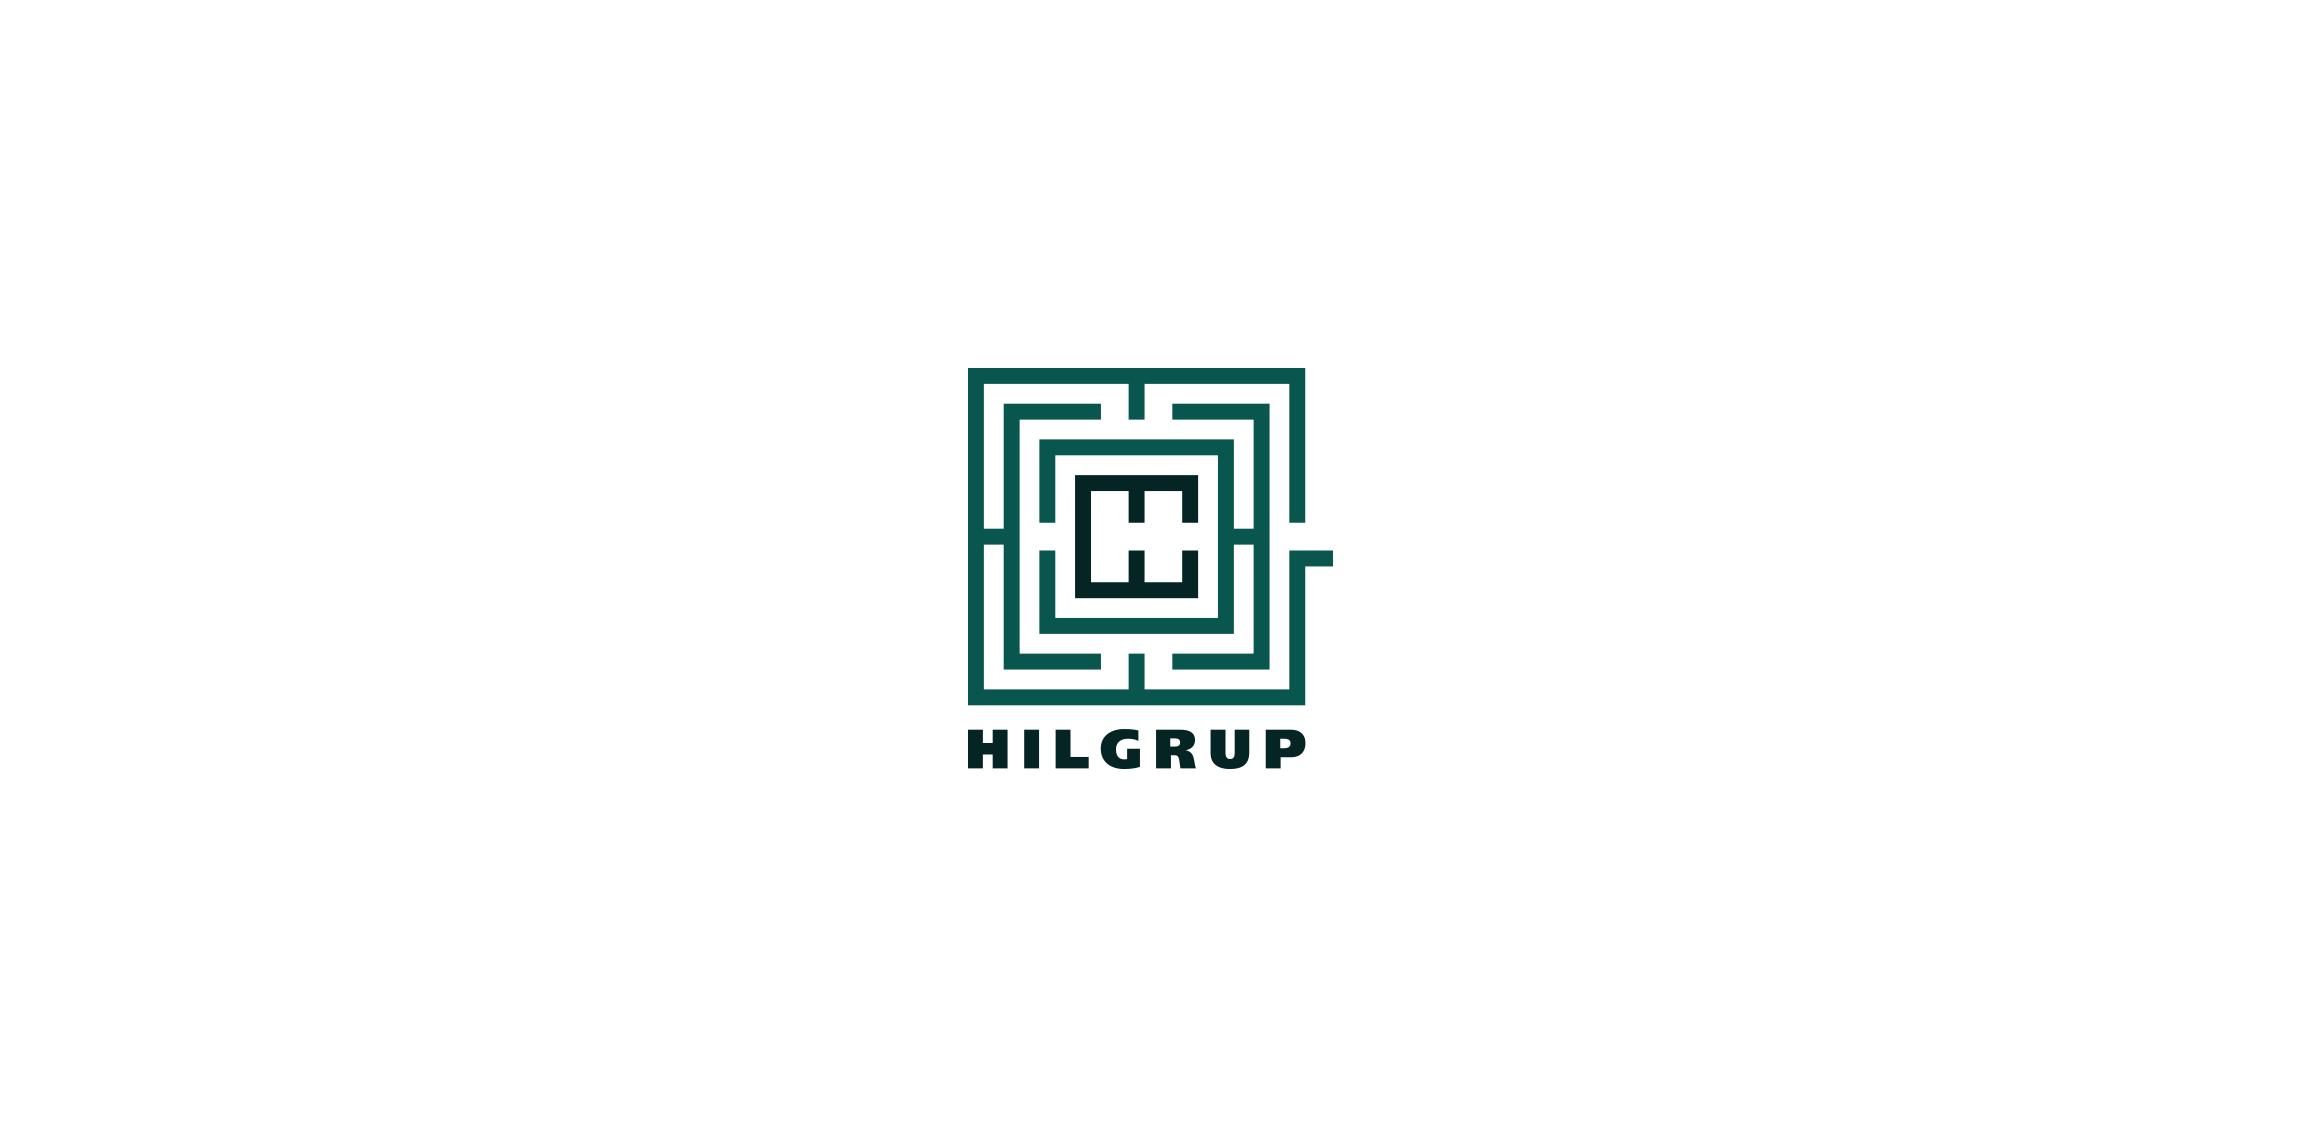 Hilgrup